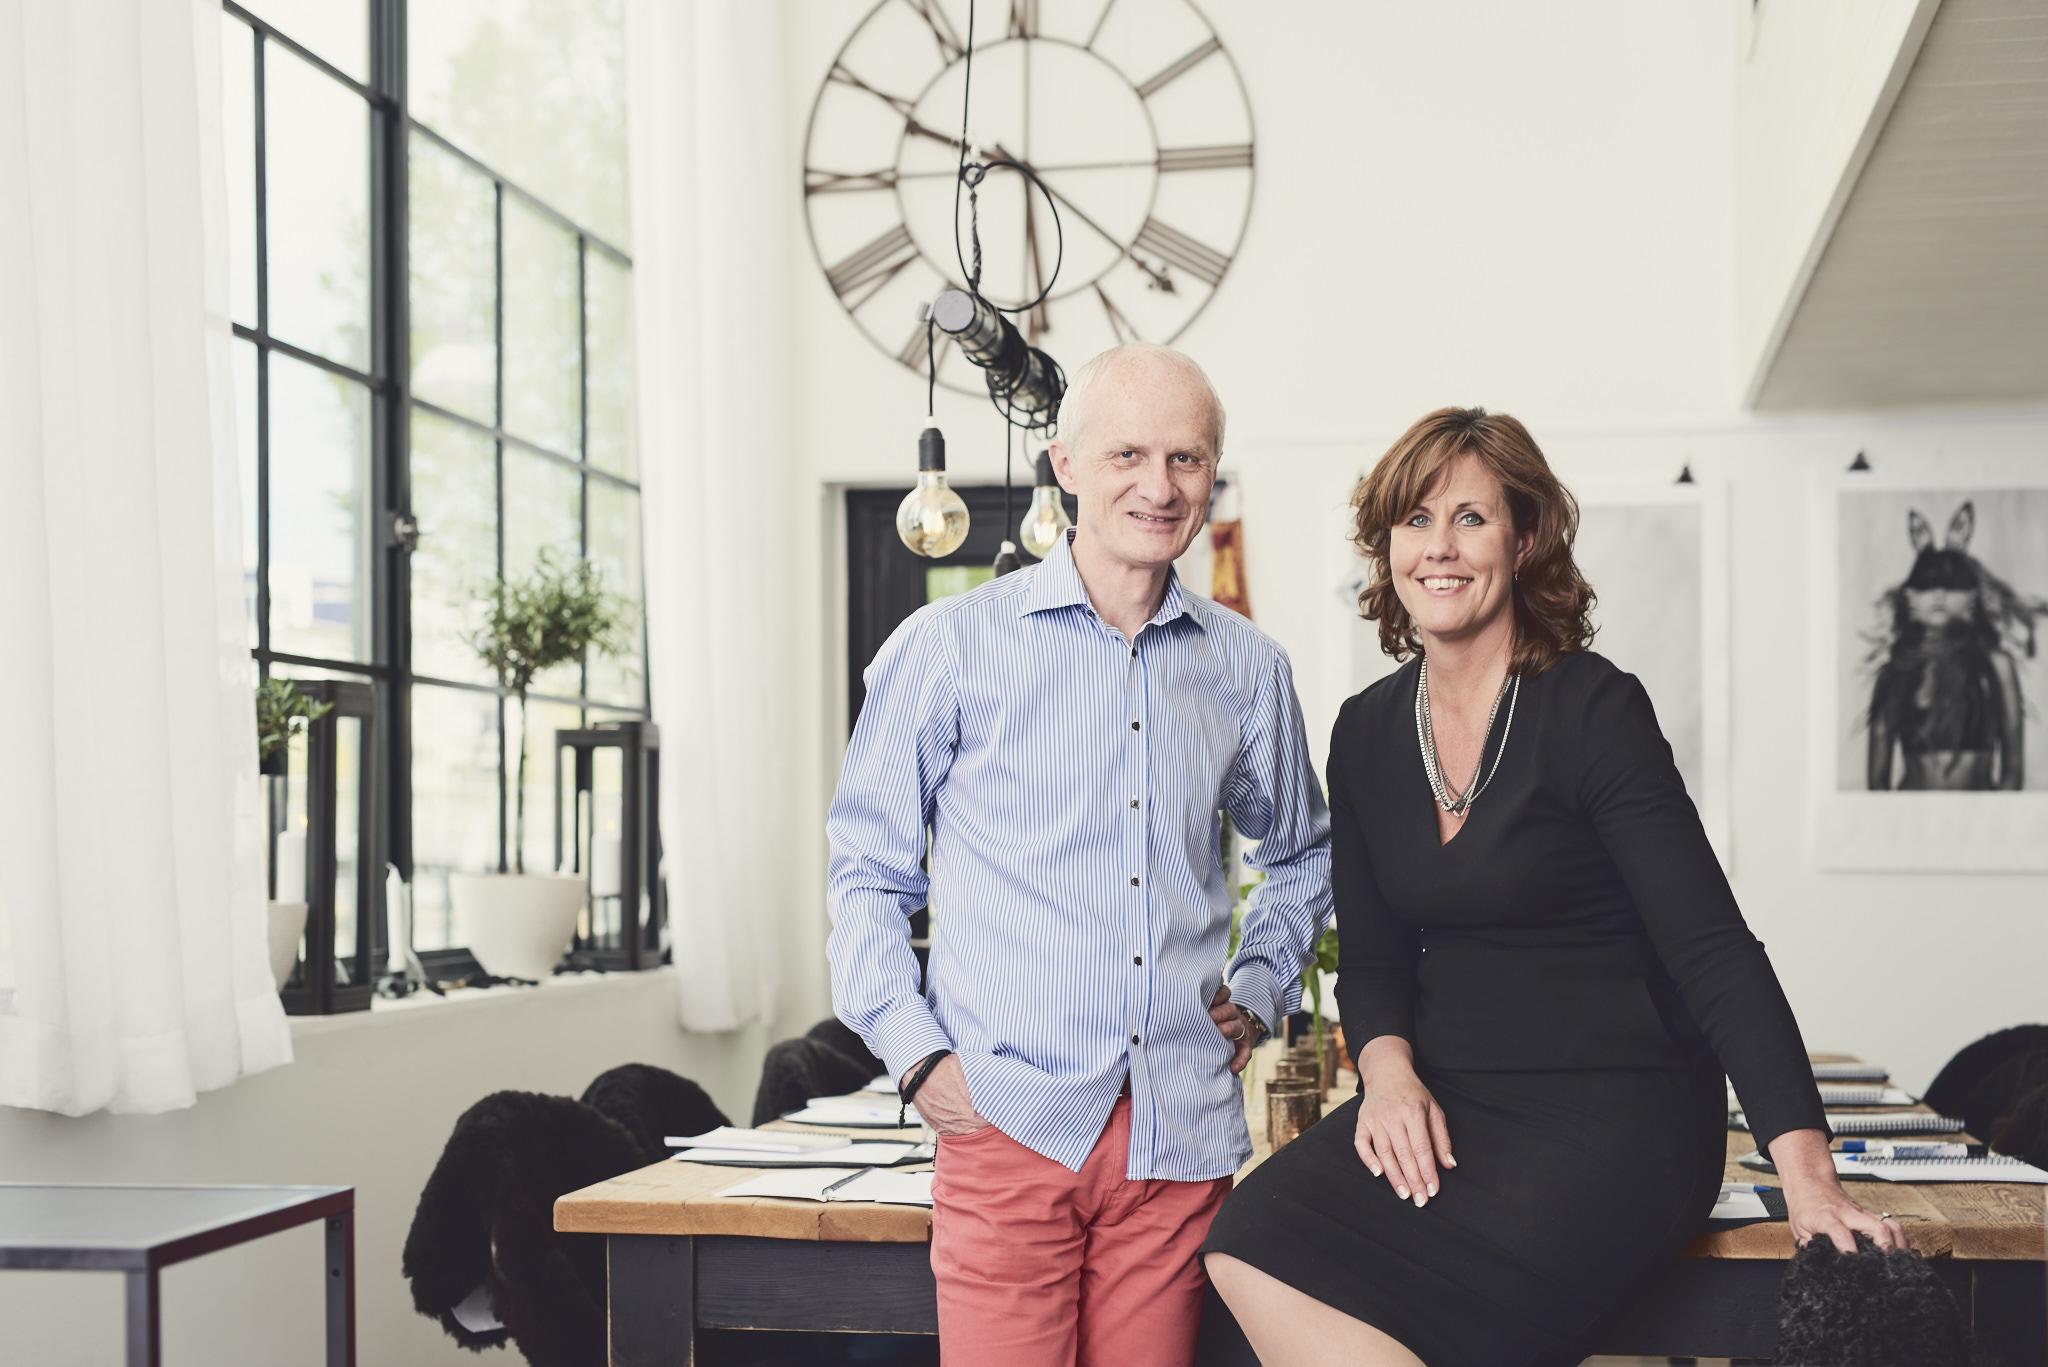 Göran och Malin Avalon Engquist i det fantastiska köket i Studio Sjövillan.